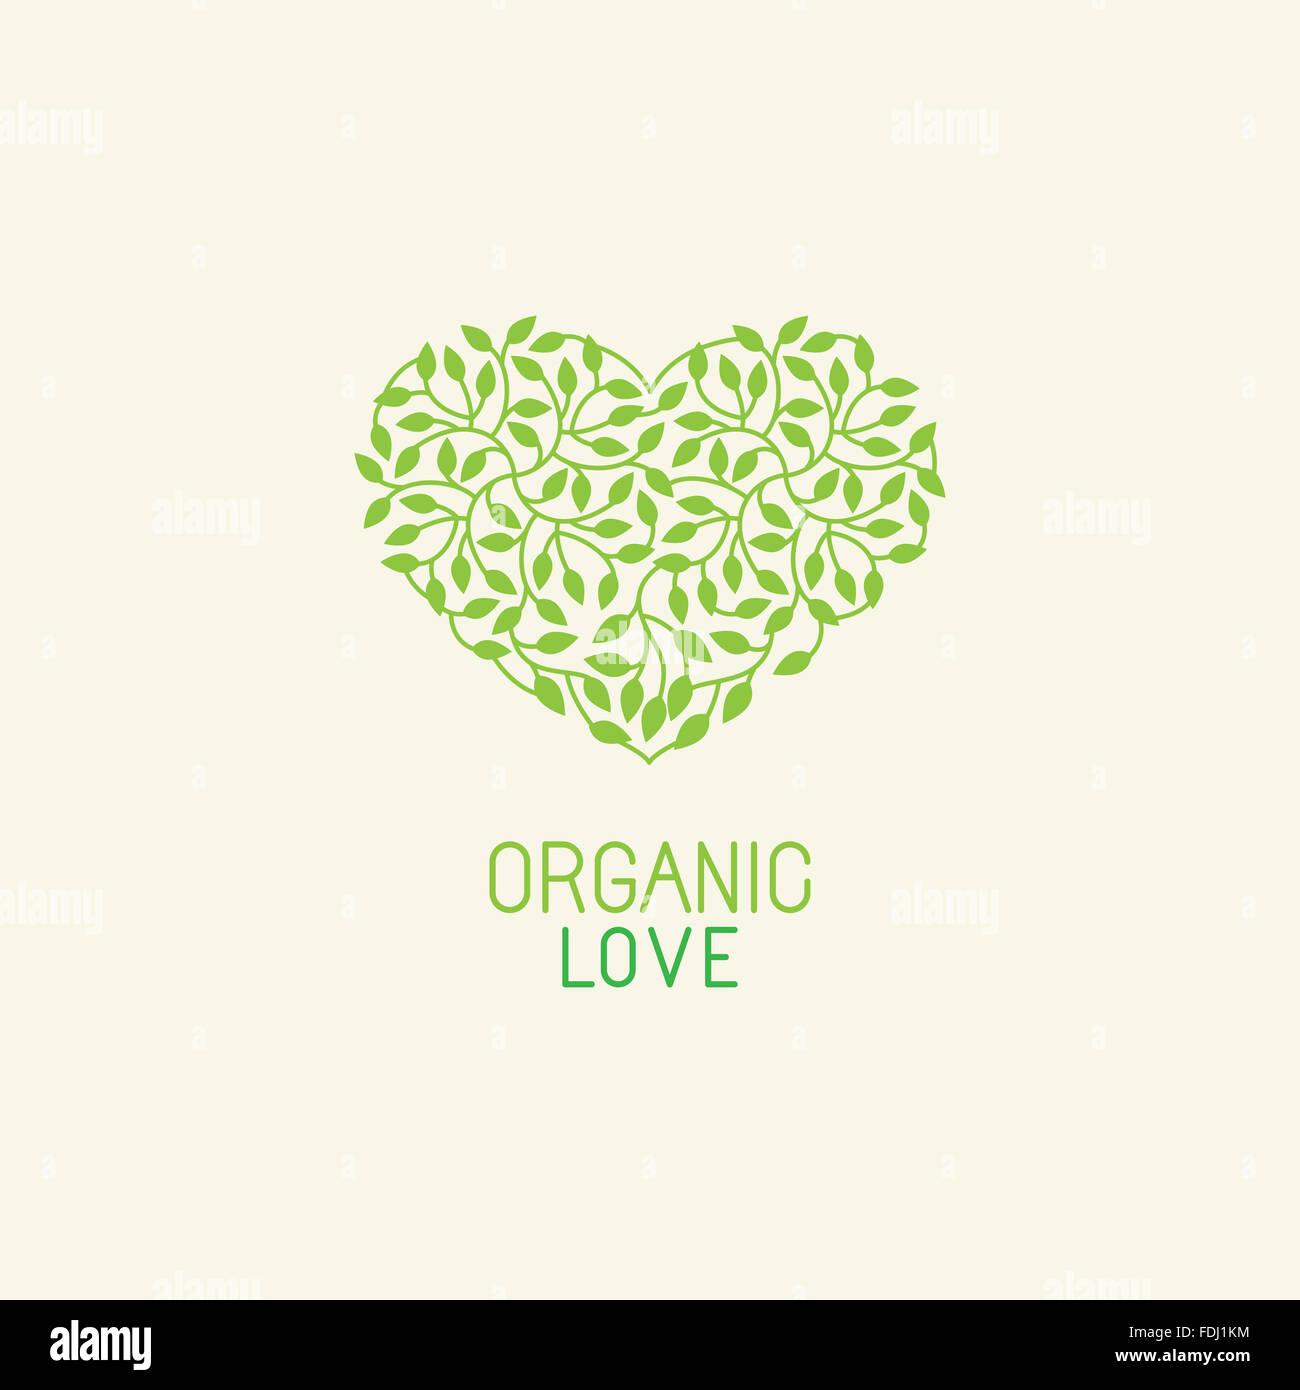 Naturales y Orgánicos de la plantilla de diseño de logotipos y emblemas - ecología verde concepto o cosmética natural Foto de stock